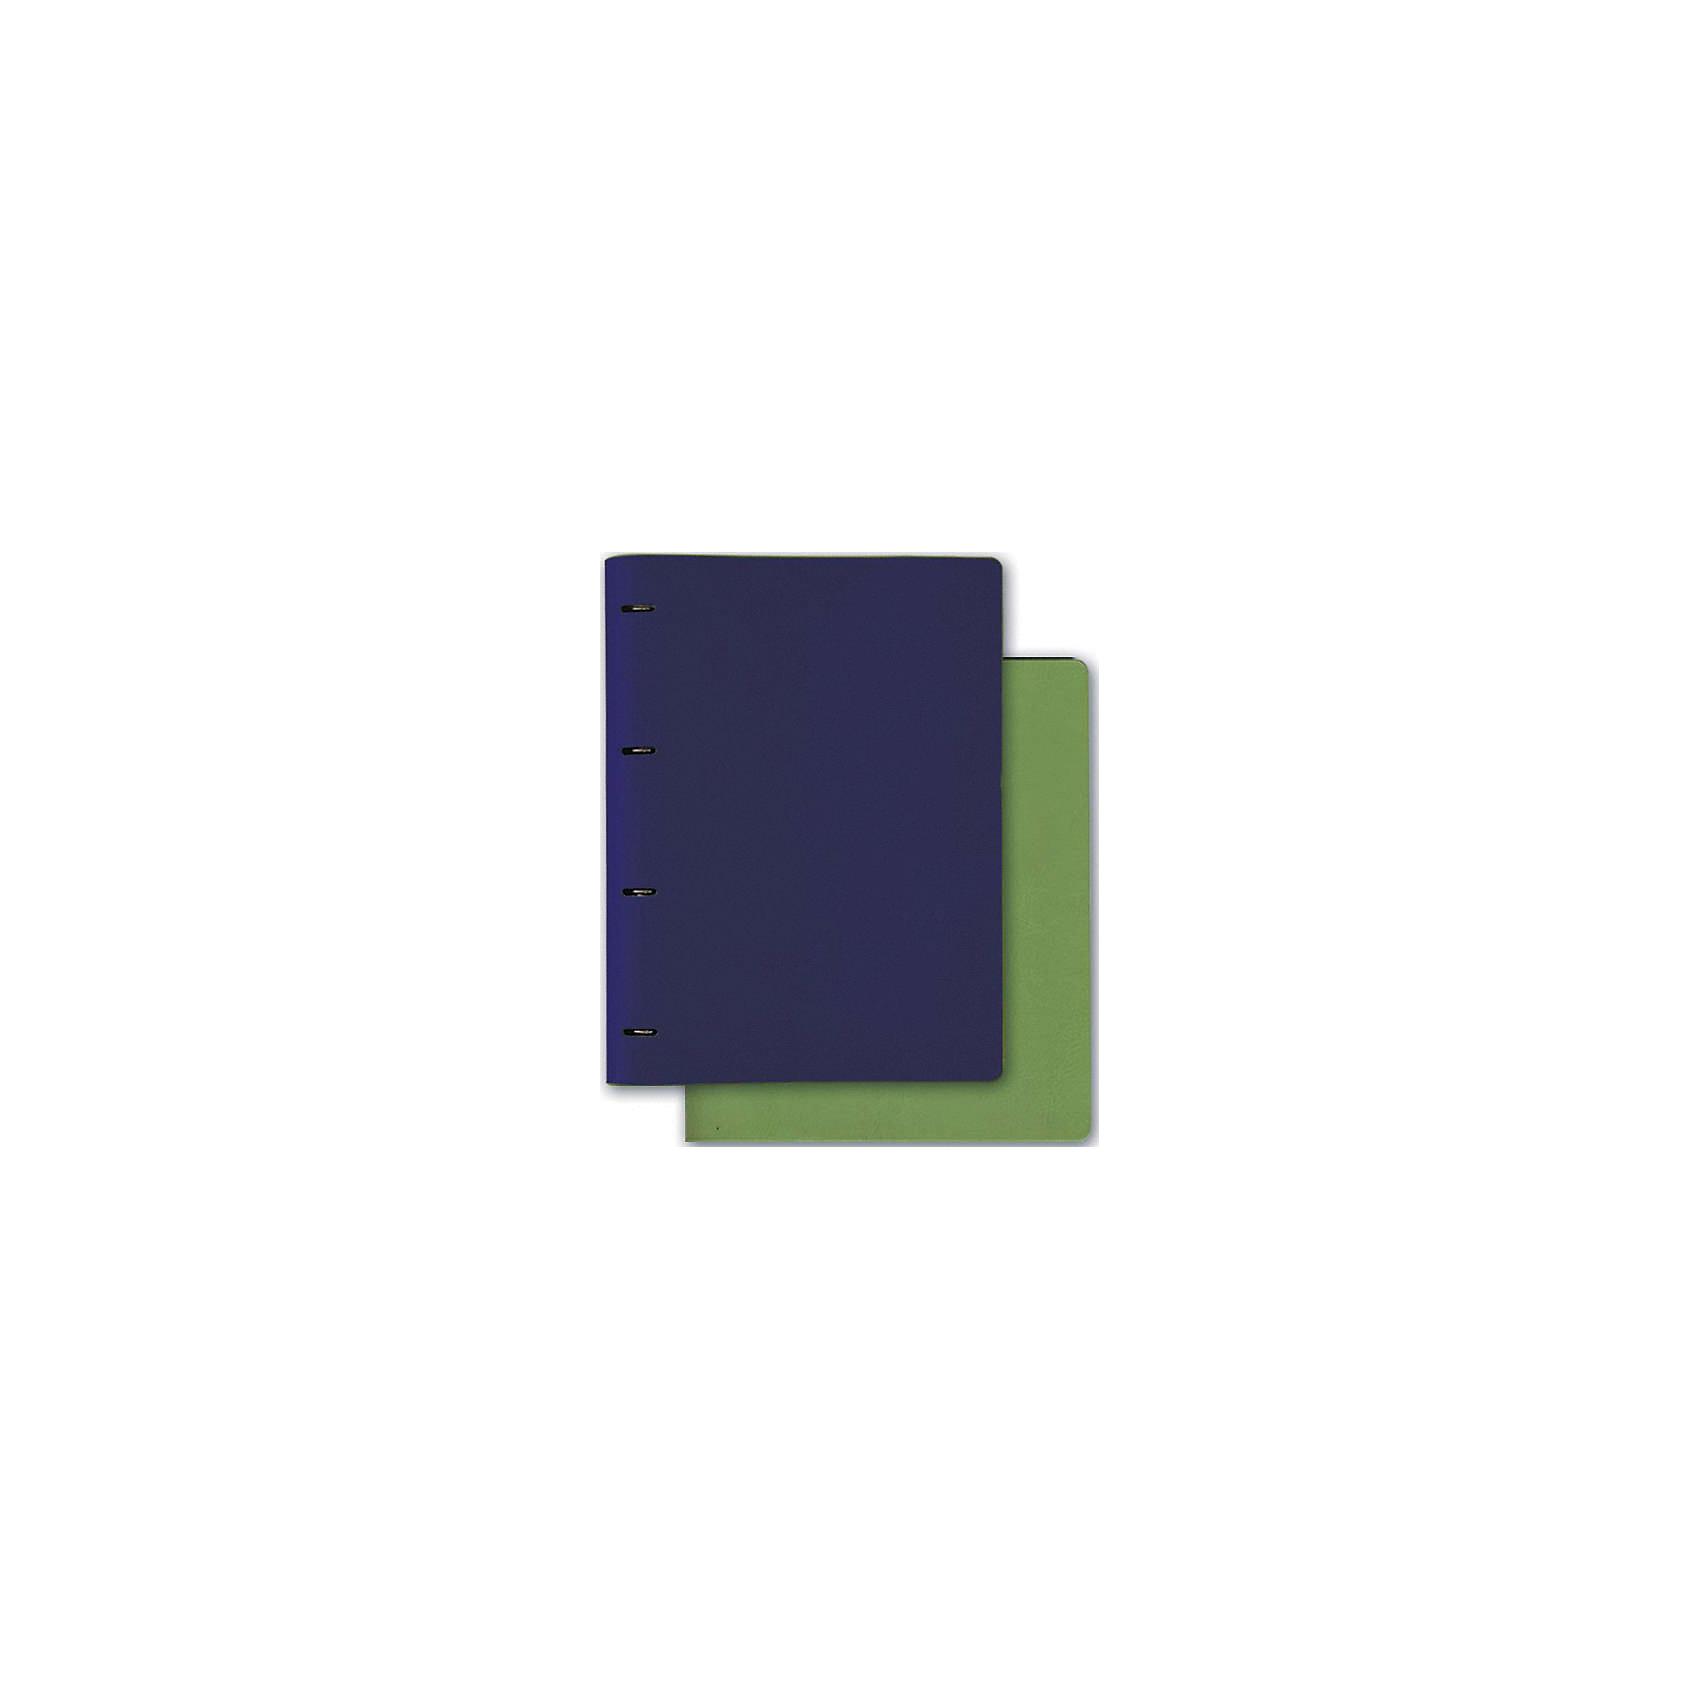 Тетрадь А4+ Феникс+, синий + салатовыйБумажная продукция<br>Тетрадь Копибук ВНЕШН. СИНИЙ +ВНУТР. САЛАТОВЫЙ (А4+, 230х300 мм, мяг. обл., 200 л. (осн блок 100 л.+смен. блок 100 л.), индивид. ПЭТ-упак., бел. офсет.)<br><br>Ширина мм: 300<br>Глубина мм: 235<br>Высота мм: 25<br>Вес г: 1050<br>Возраст от месяцев: 72<br>Возраст до месяцев: 2147483647<br>Пол: Унисекс<br>Возраст: Детский<br>SKU: 7046478